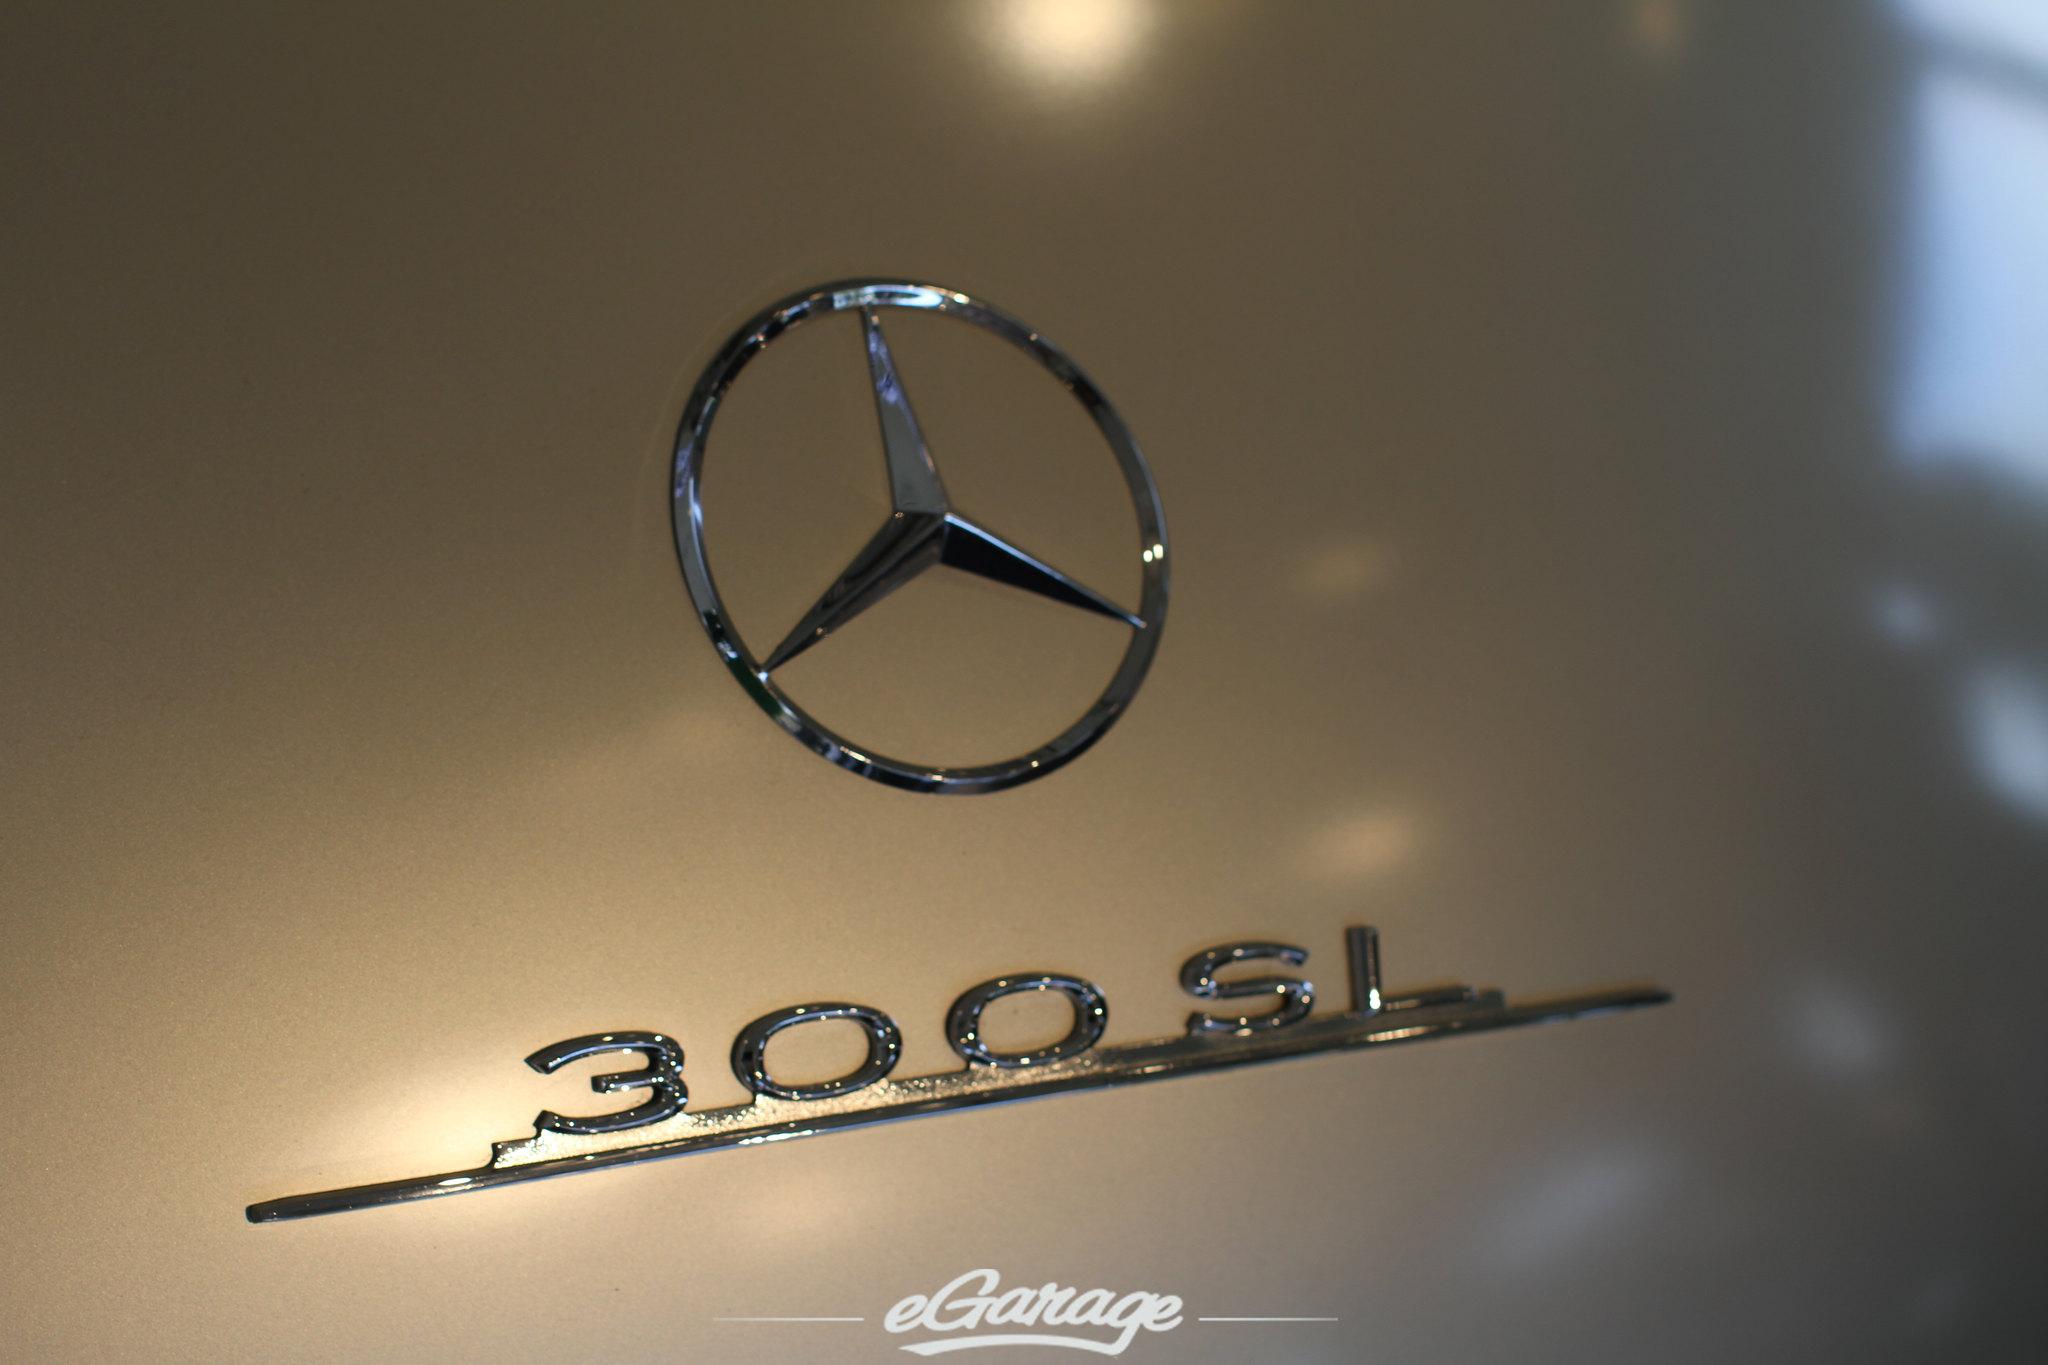 7828666792 c49d94d84e k Mercedes Benz Classic